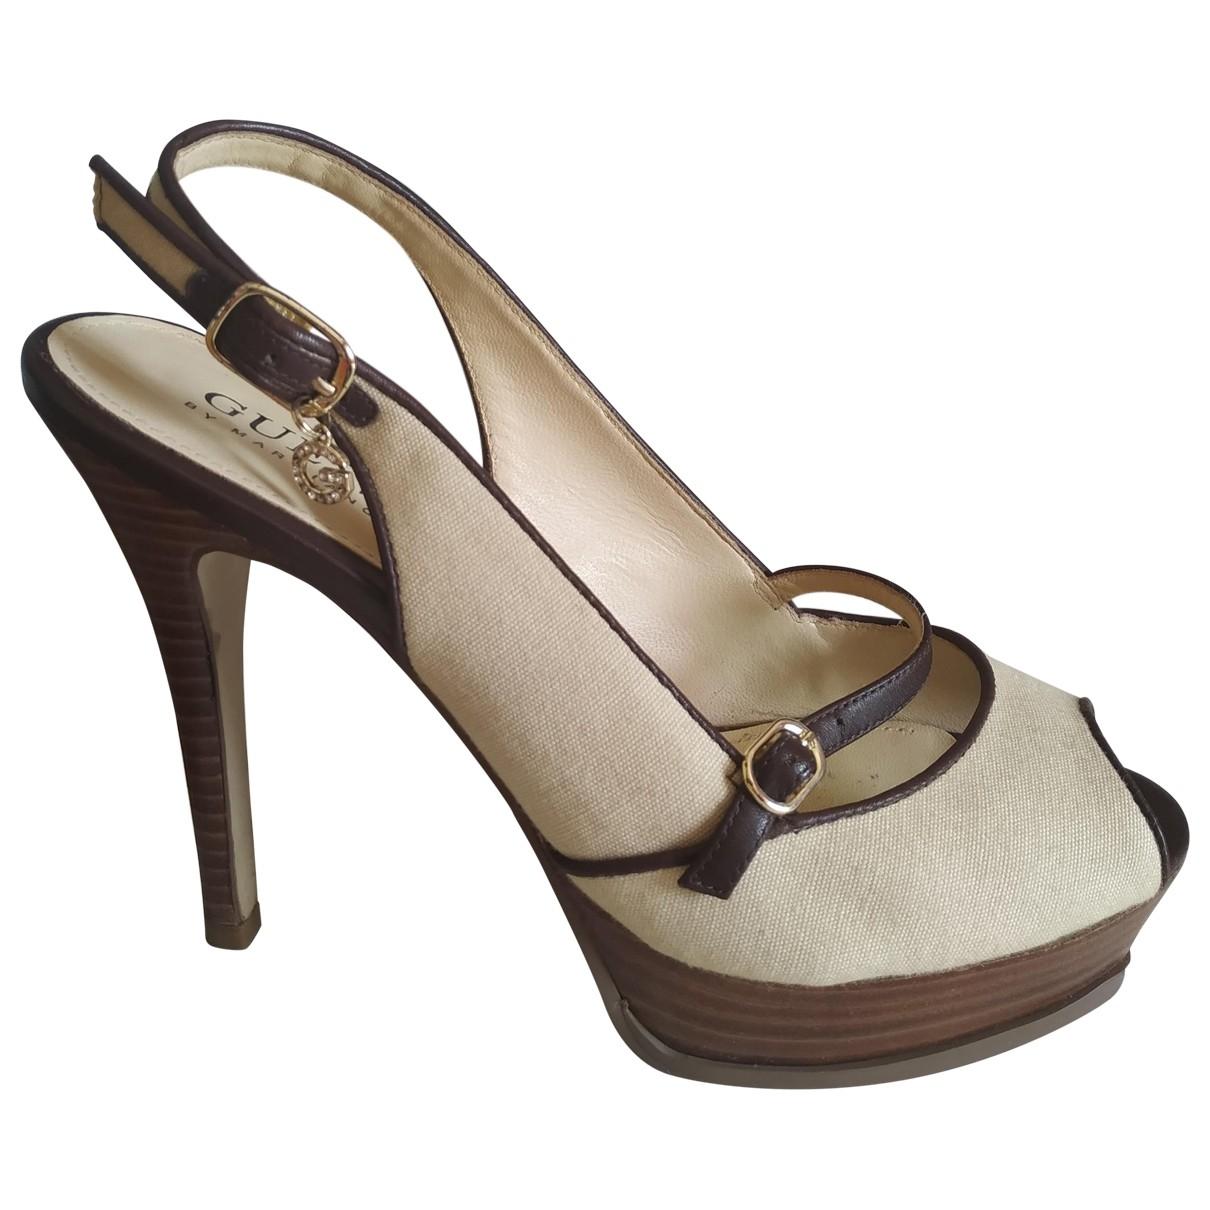 Guess - Sandales   pour femme en toile - beige